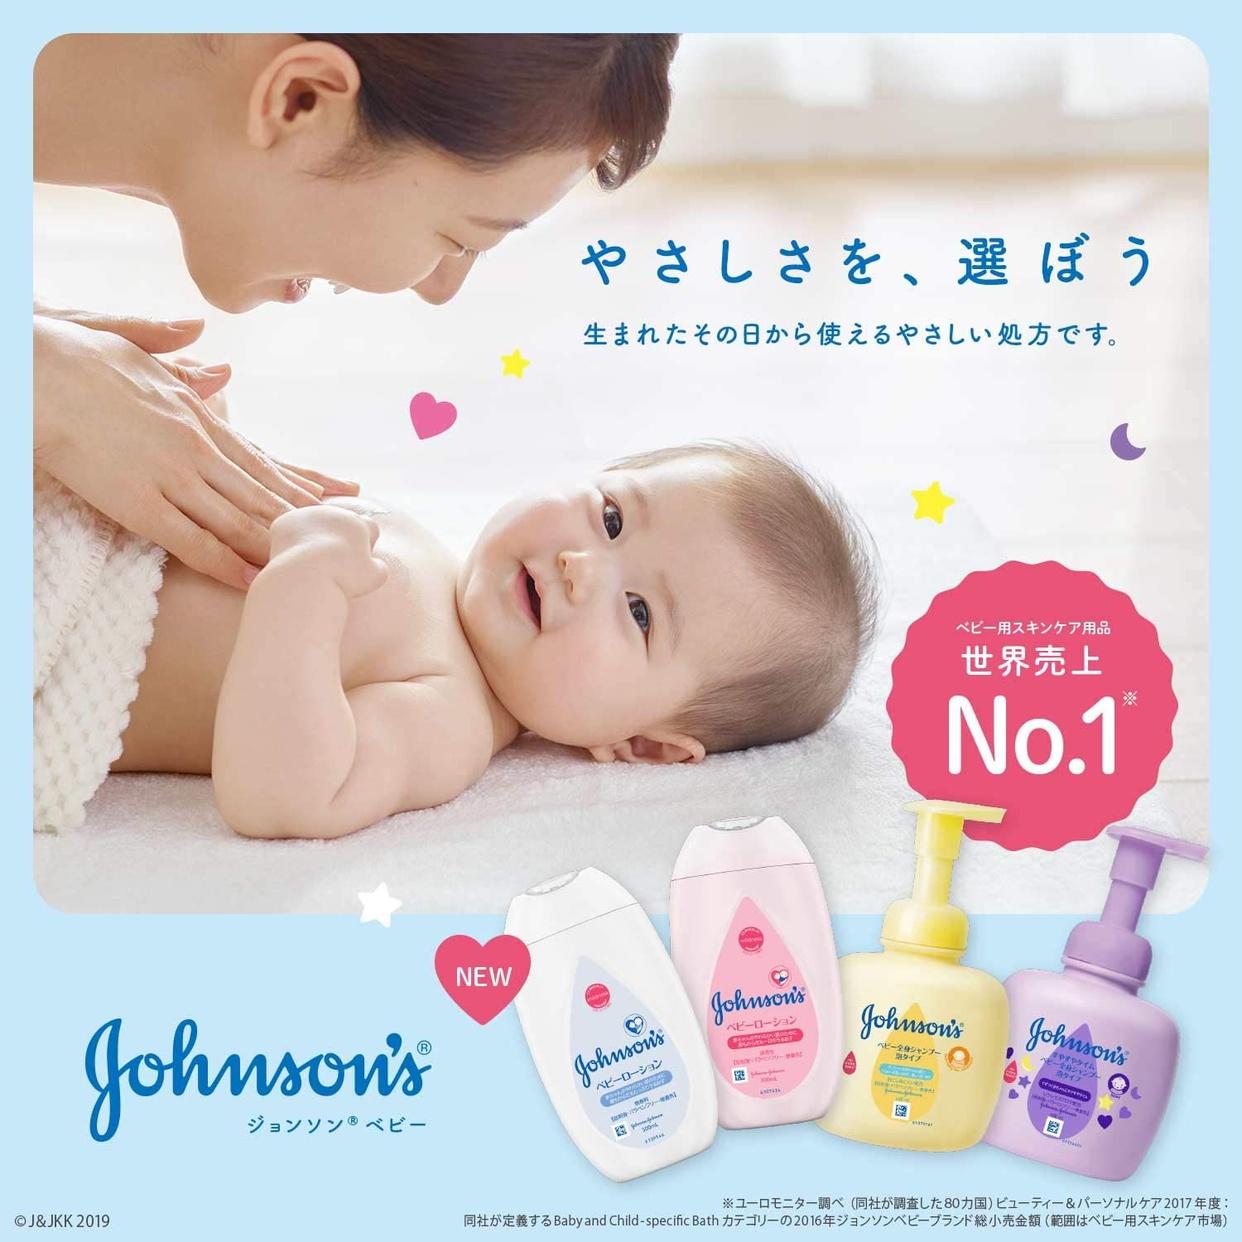 Johnson's(ジョンソン) ベビーローション 無香料の商品画像2